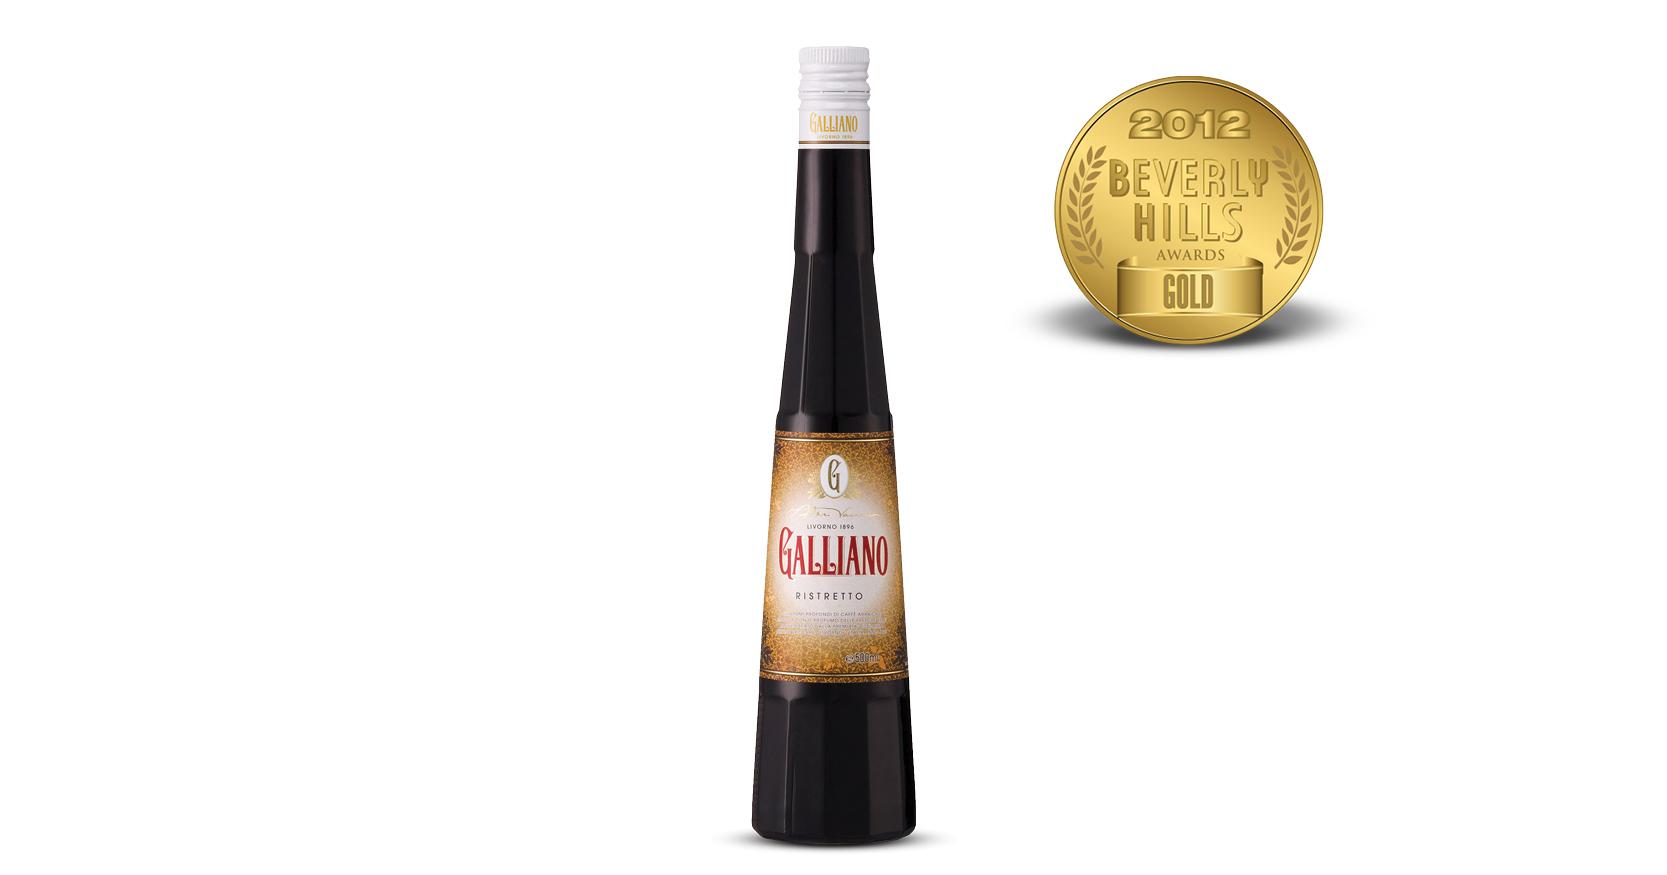 Galliano Ristretto Coffee Liqueur